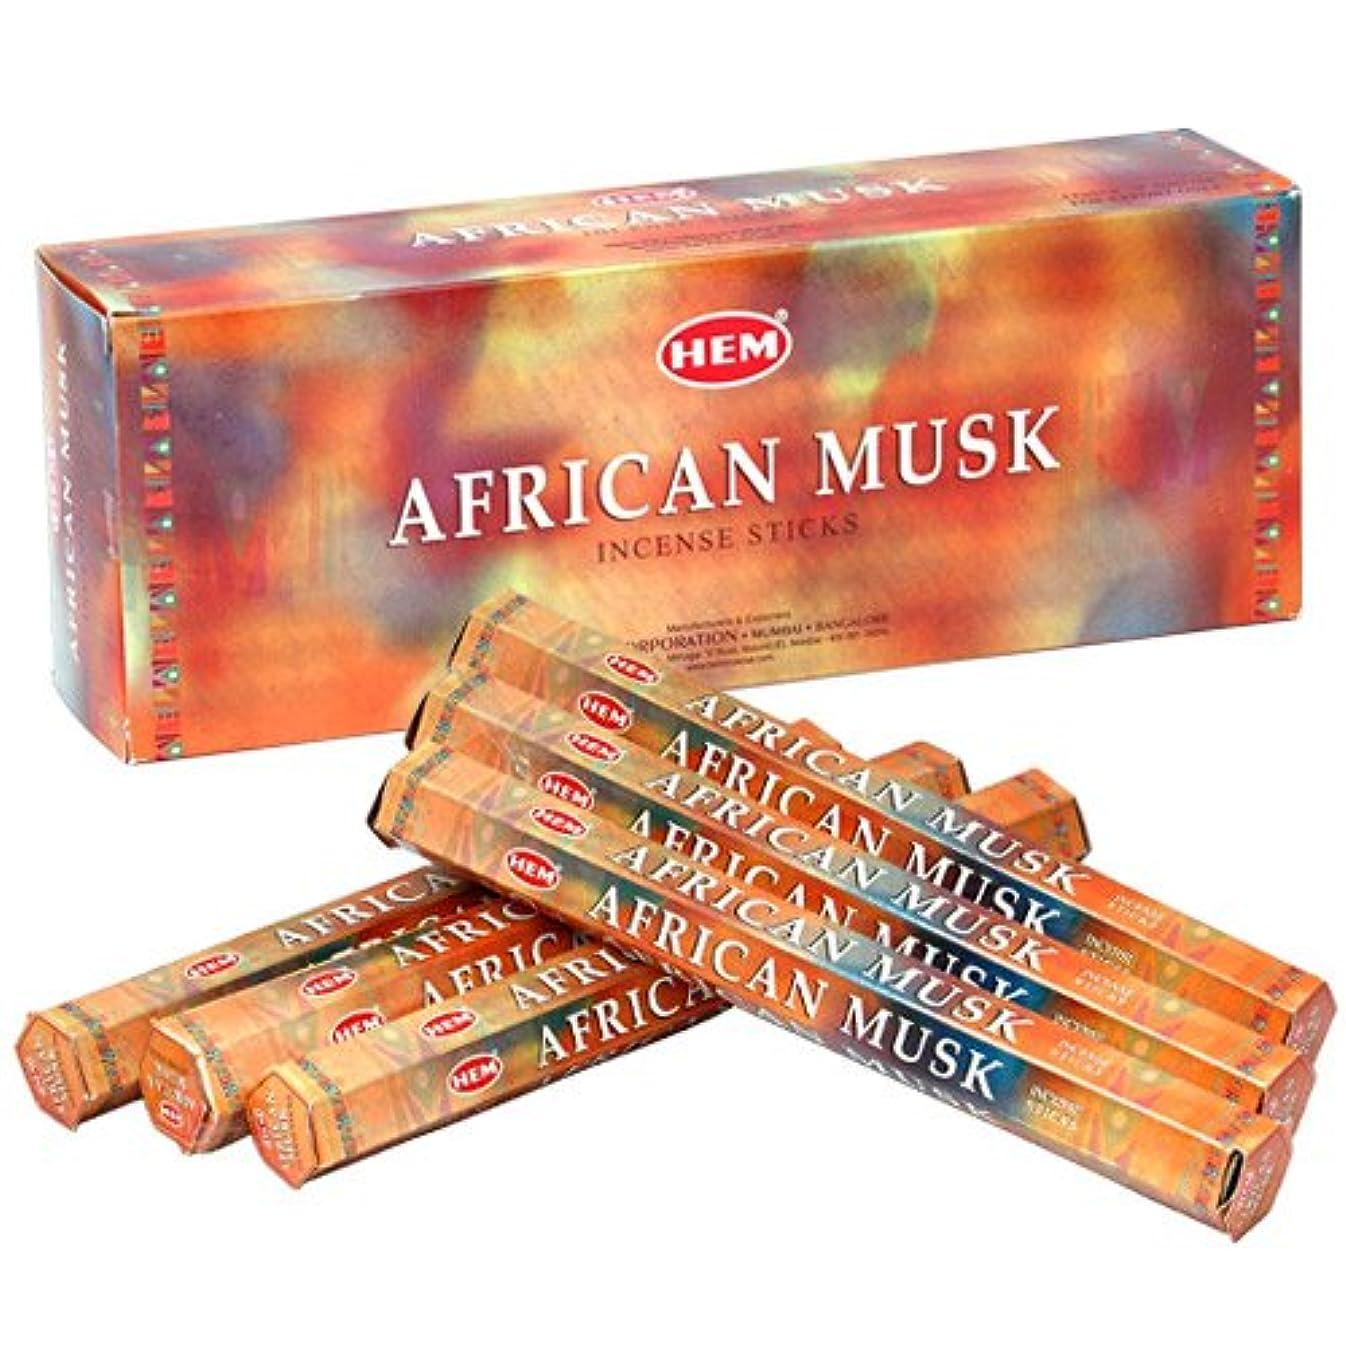 反響する気配りのあるクラックポットHEM (ヘム) インセンス スティック へキサパック アフリカン?ムスク 6角(20本入)×6箱 [並行輸入品]Aerican Musk